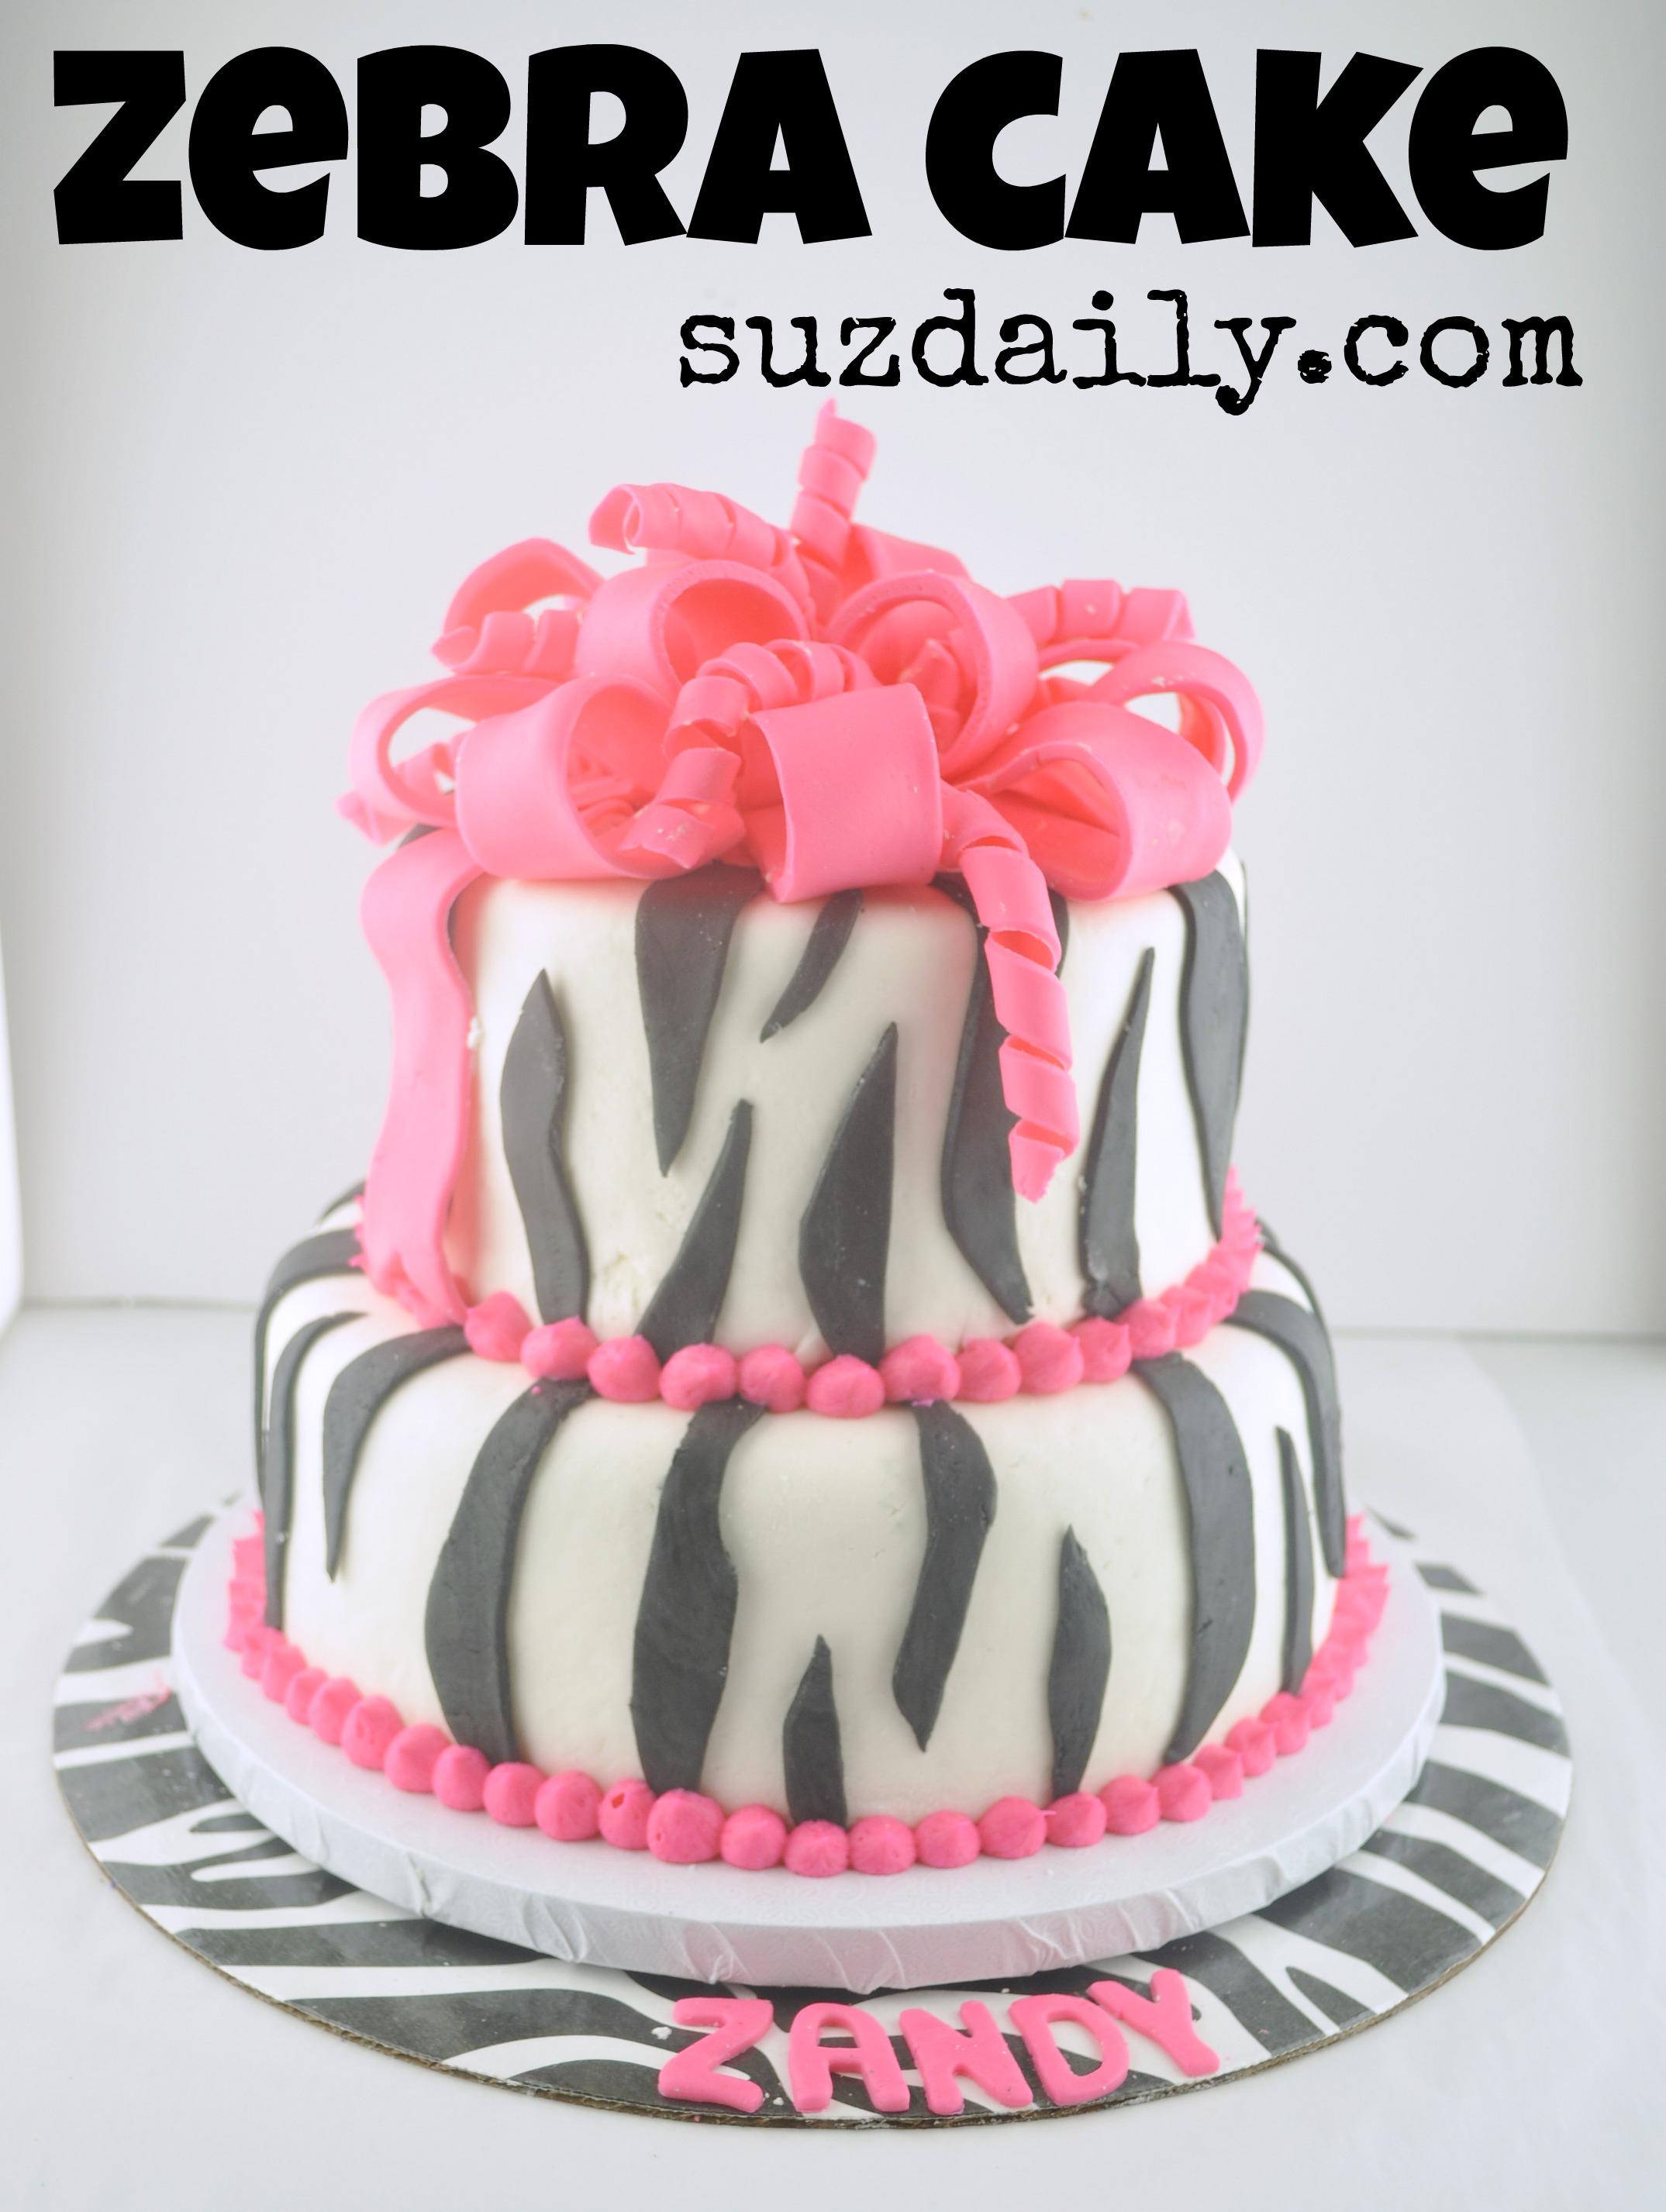 How To Make A Zebra Cake Suz Daily